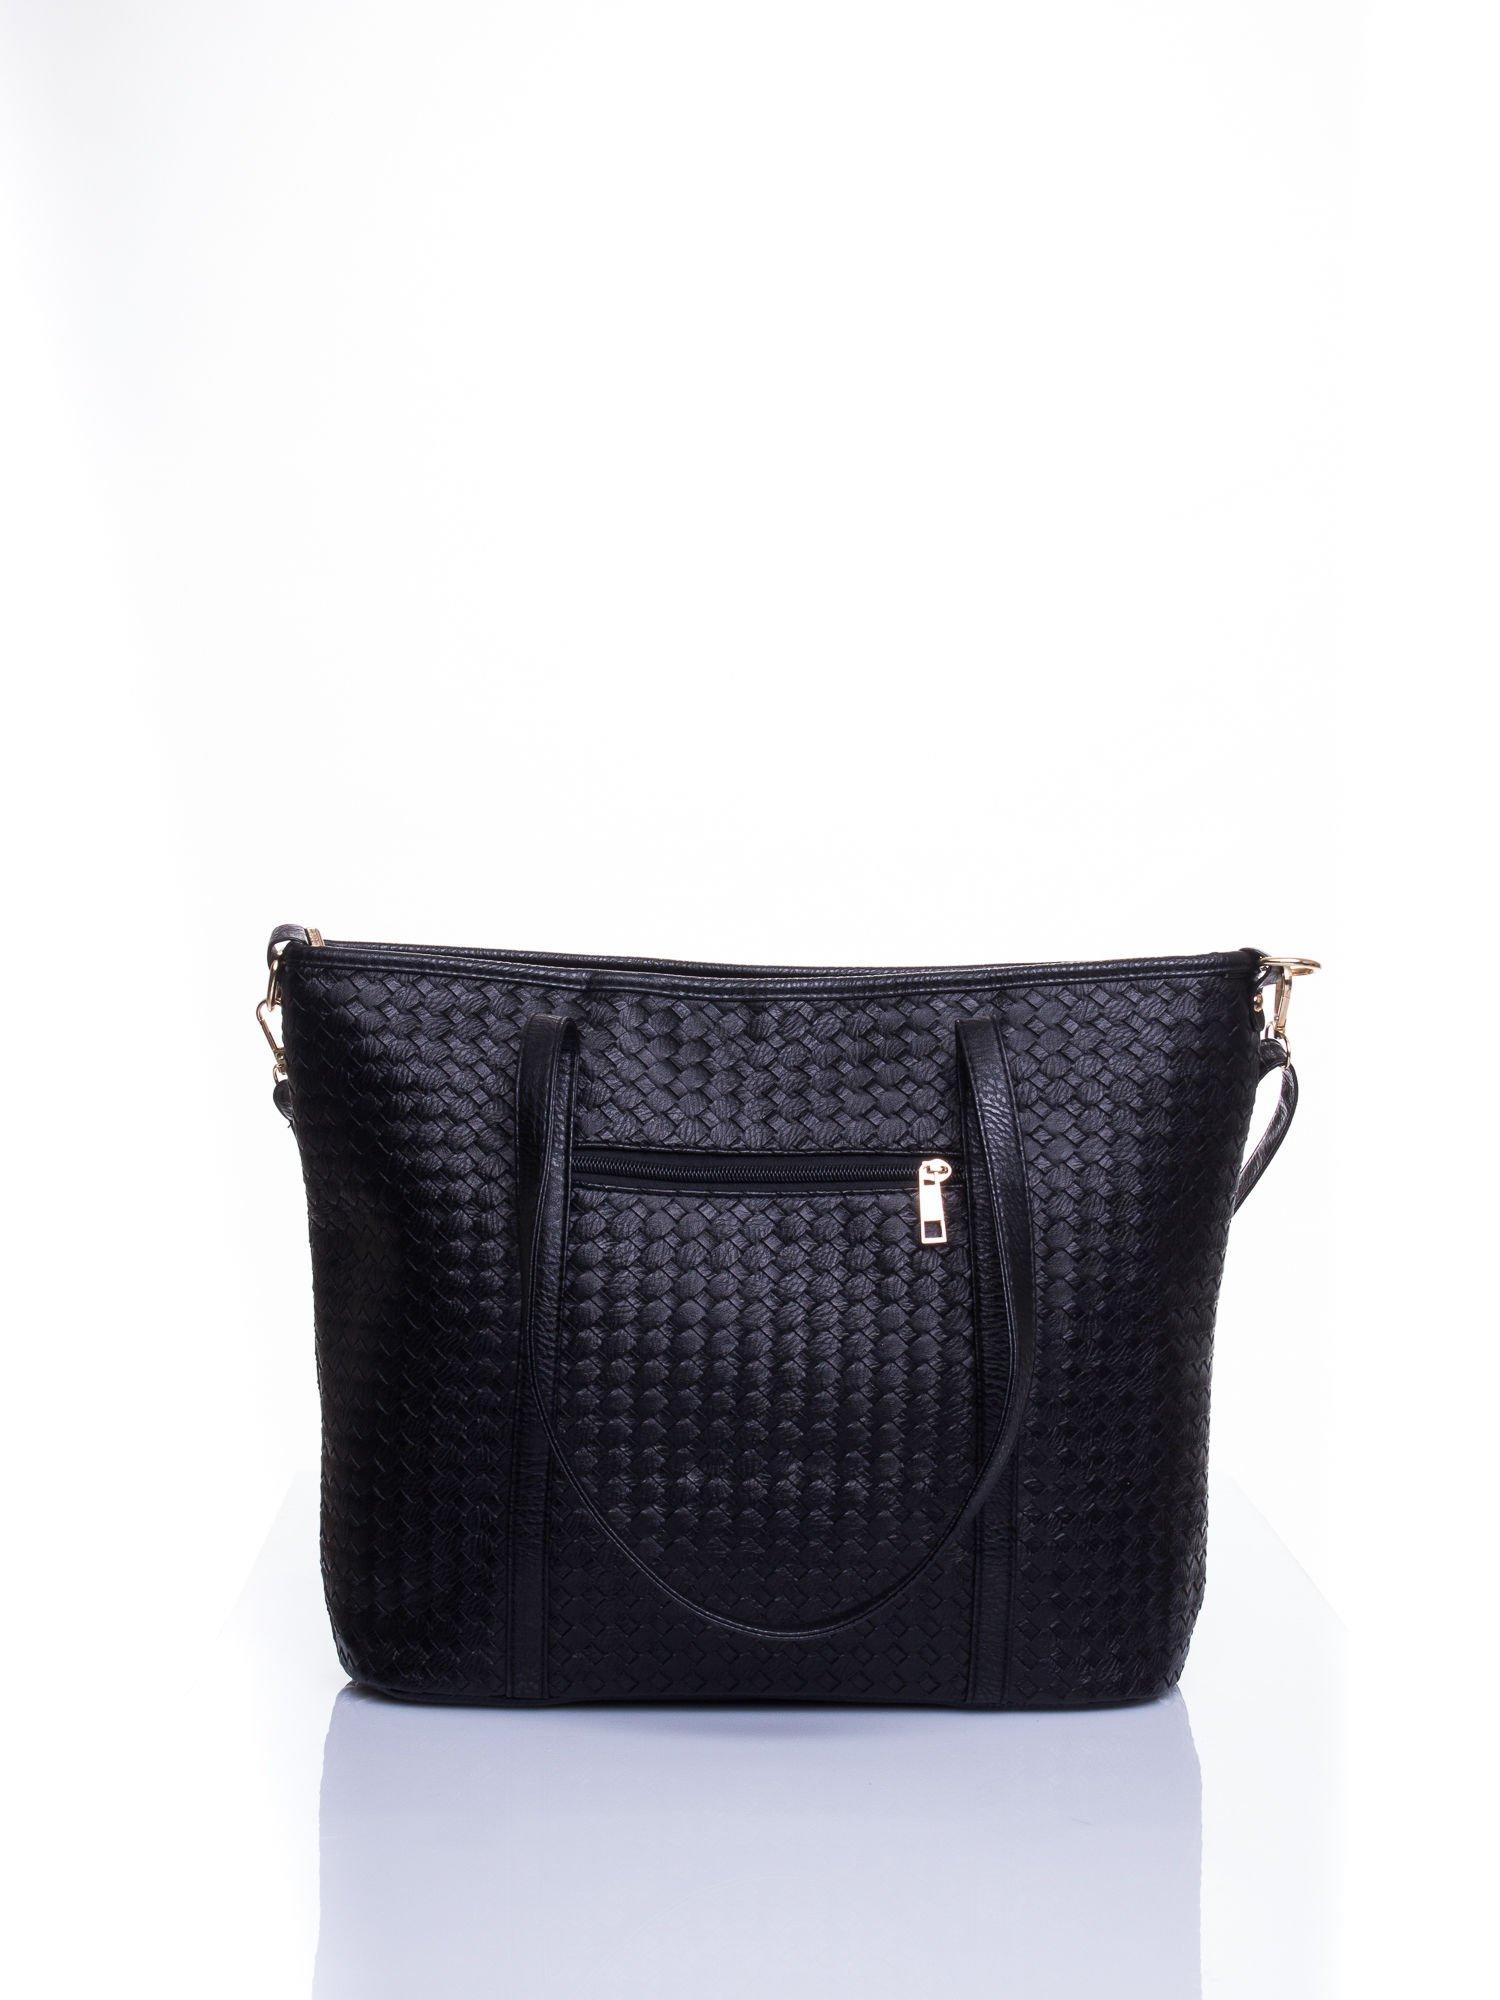 Czarna pleciona torba shopper bag ze złotym detalem                                  zdj.                                  3